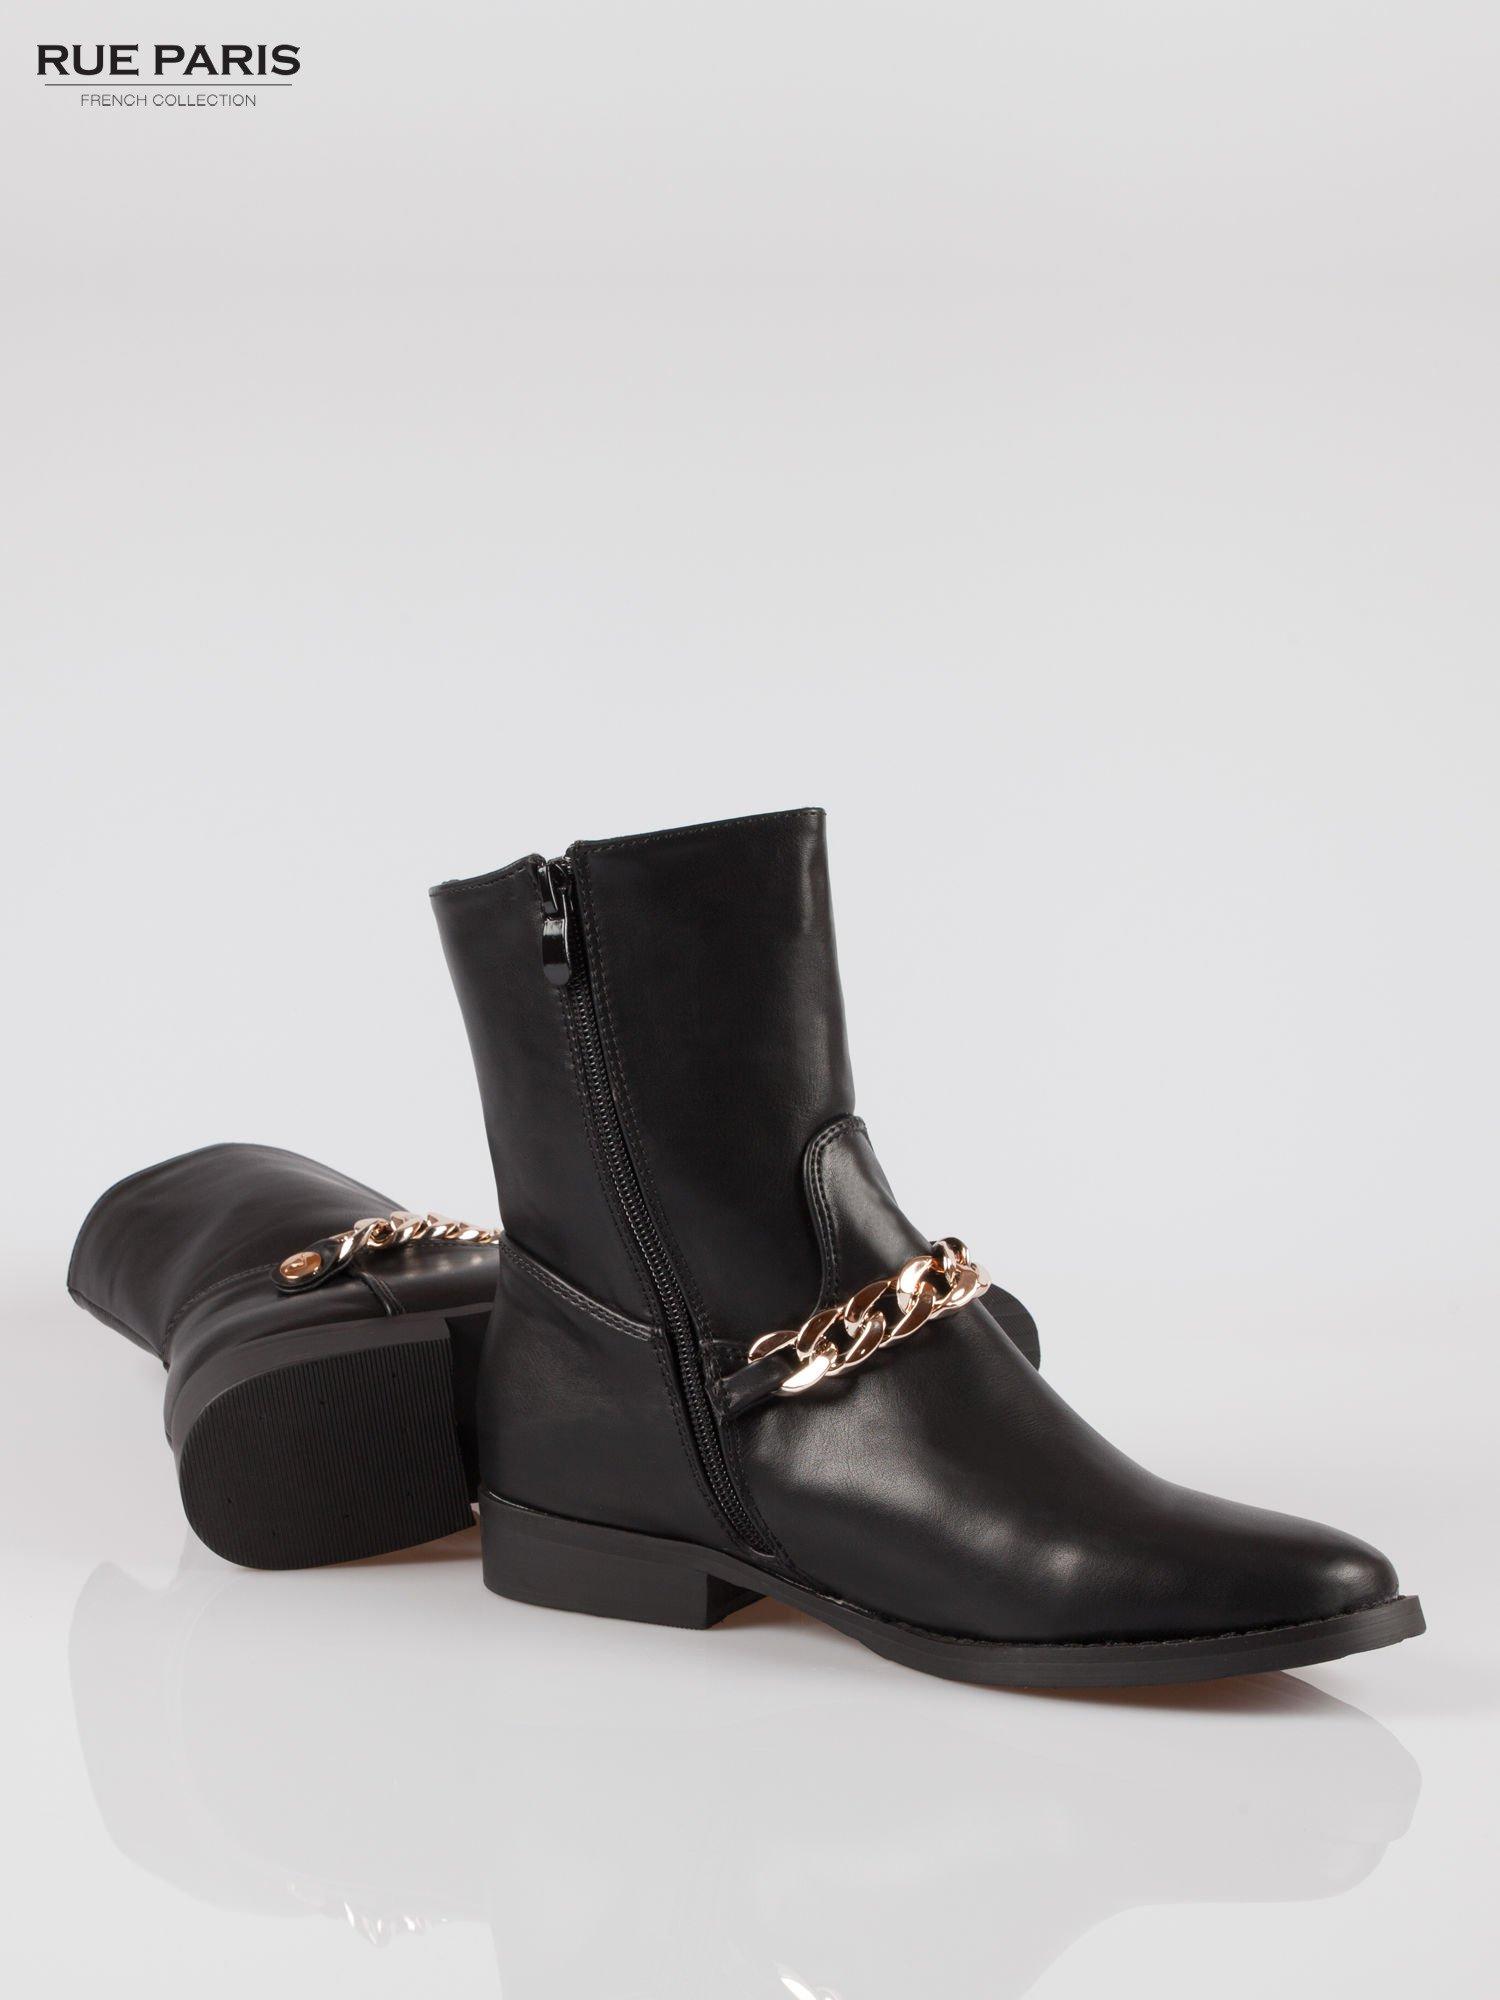 Czarne wysokie botki biker boots ze złotym łańcuchem                                  zdj.                                  4